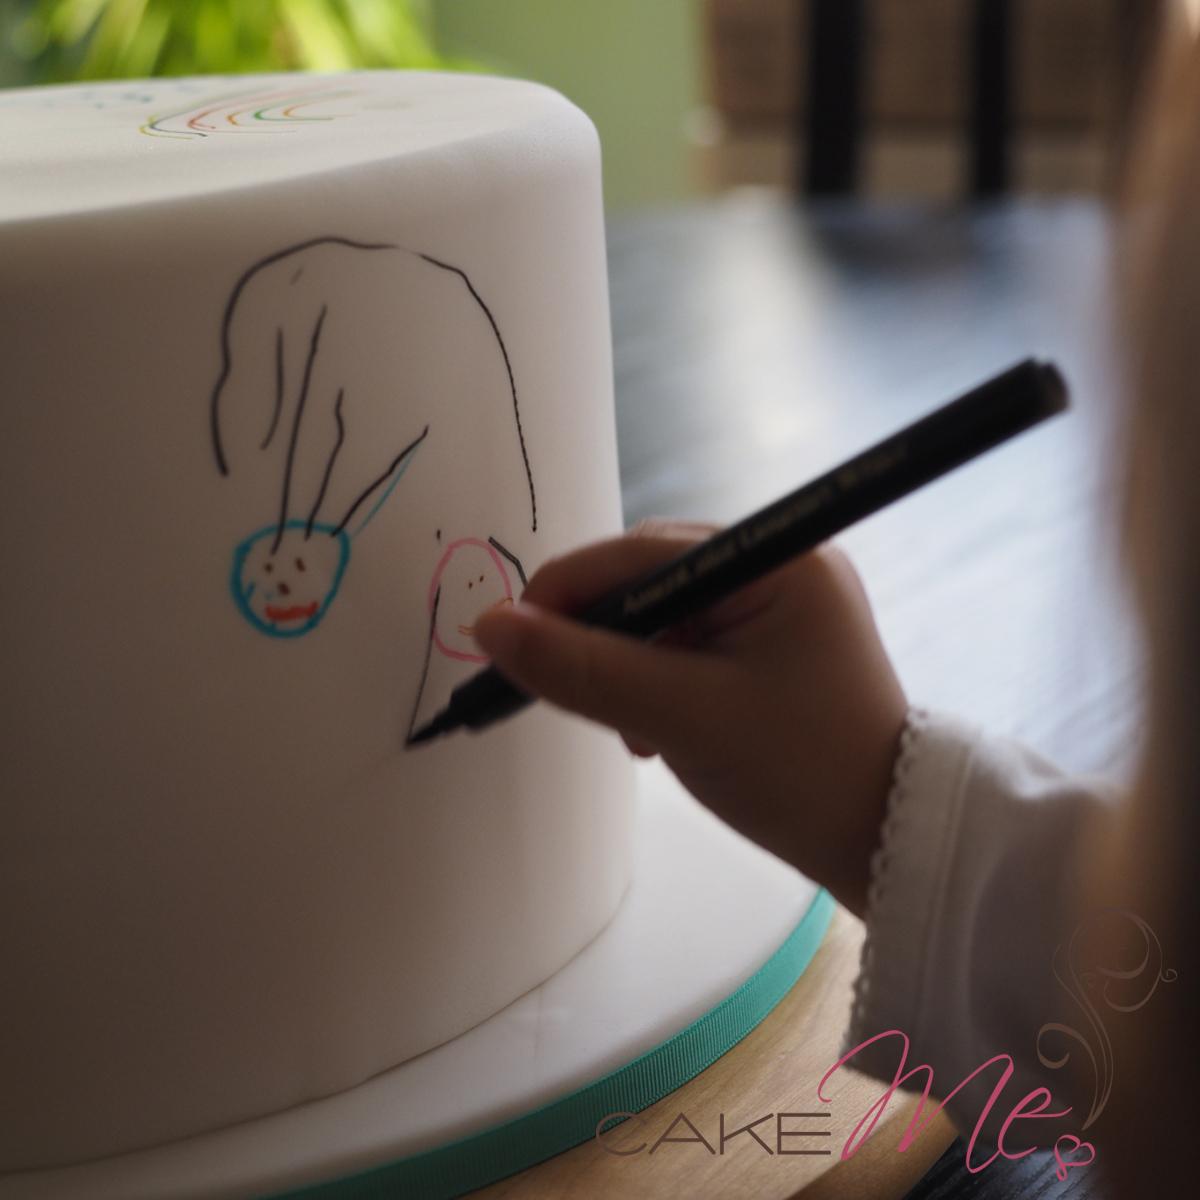 Cake Me! P4044974.jpg